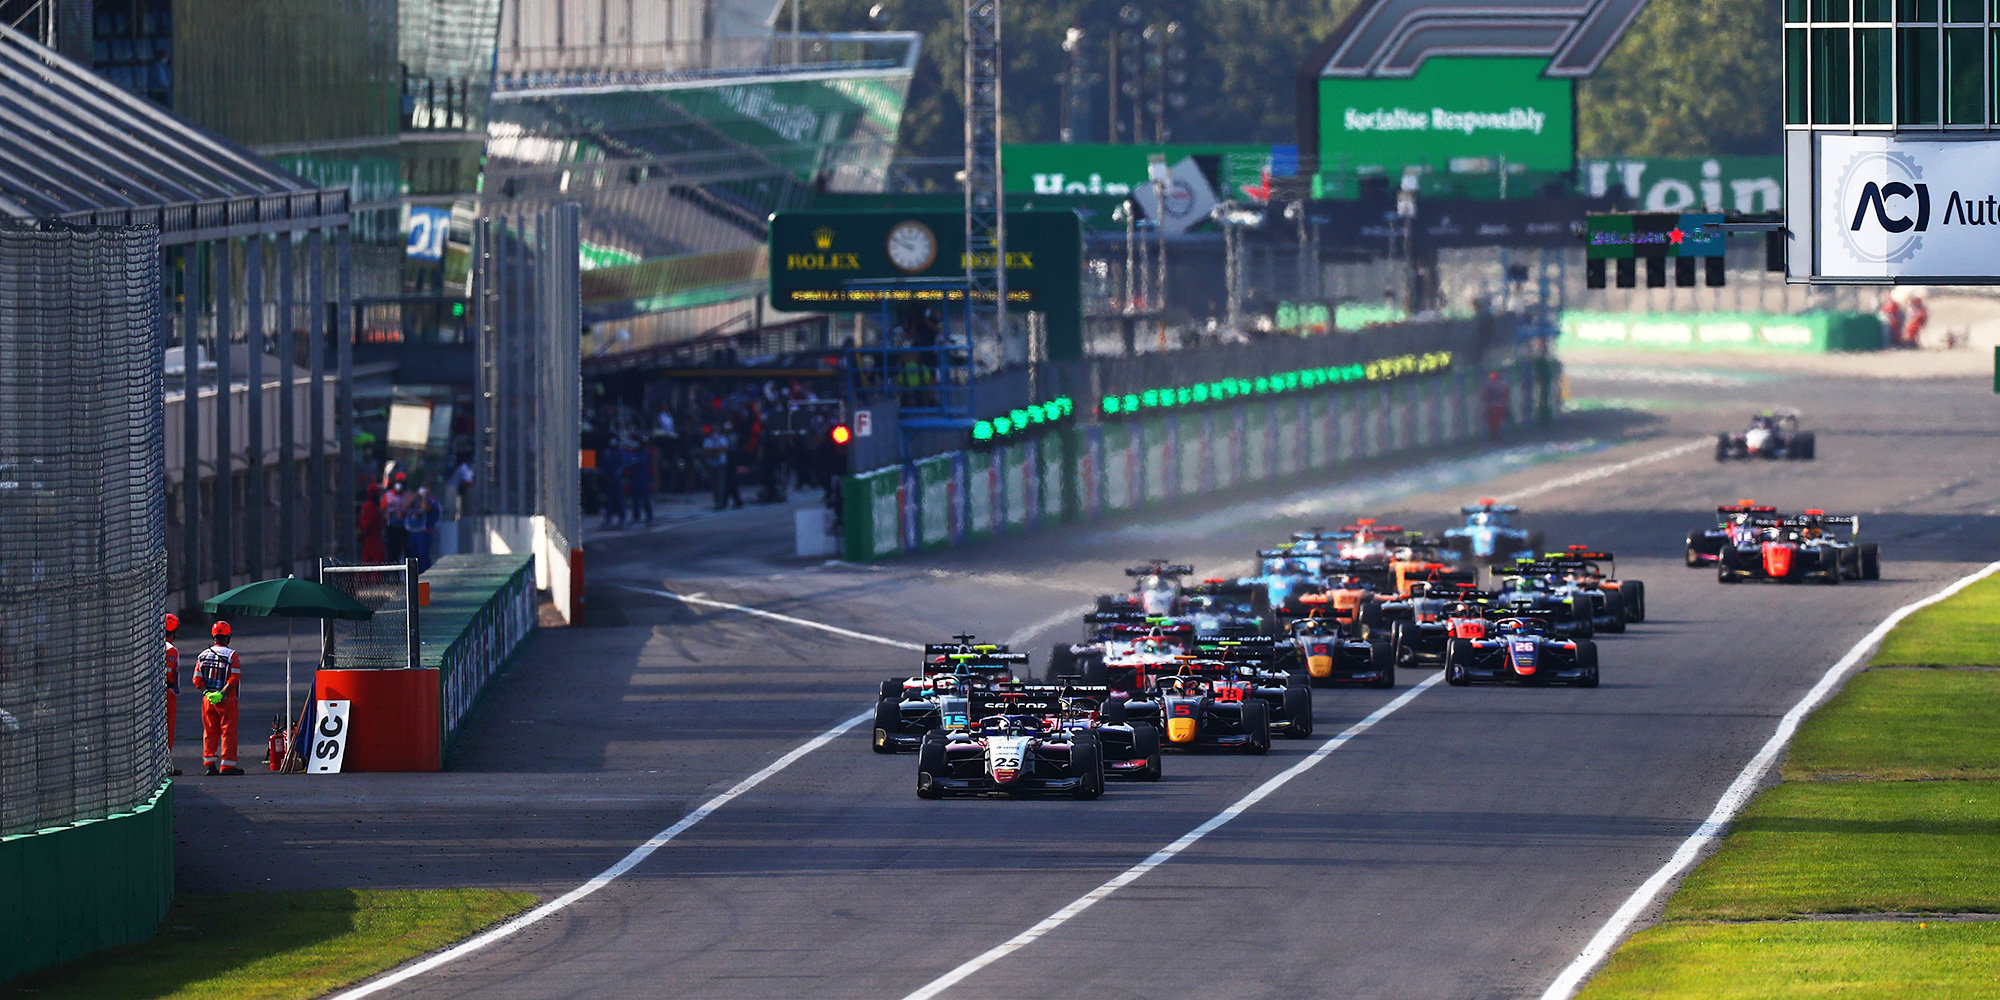 Норвежец Хаугер выиграл третью гонку «Ф-3» в Испании,  россиянин Смоляр — 11-й